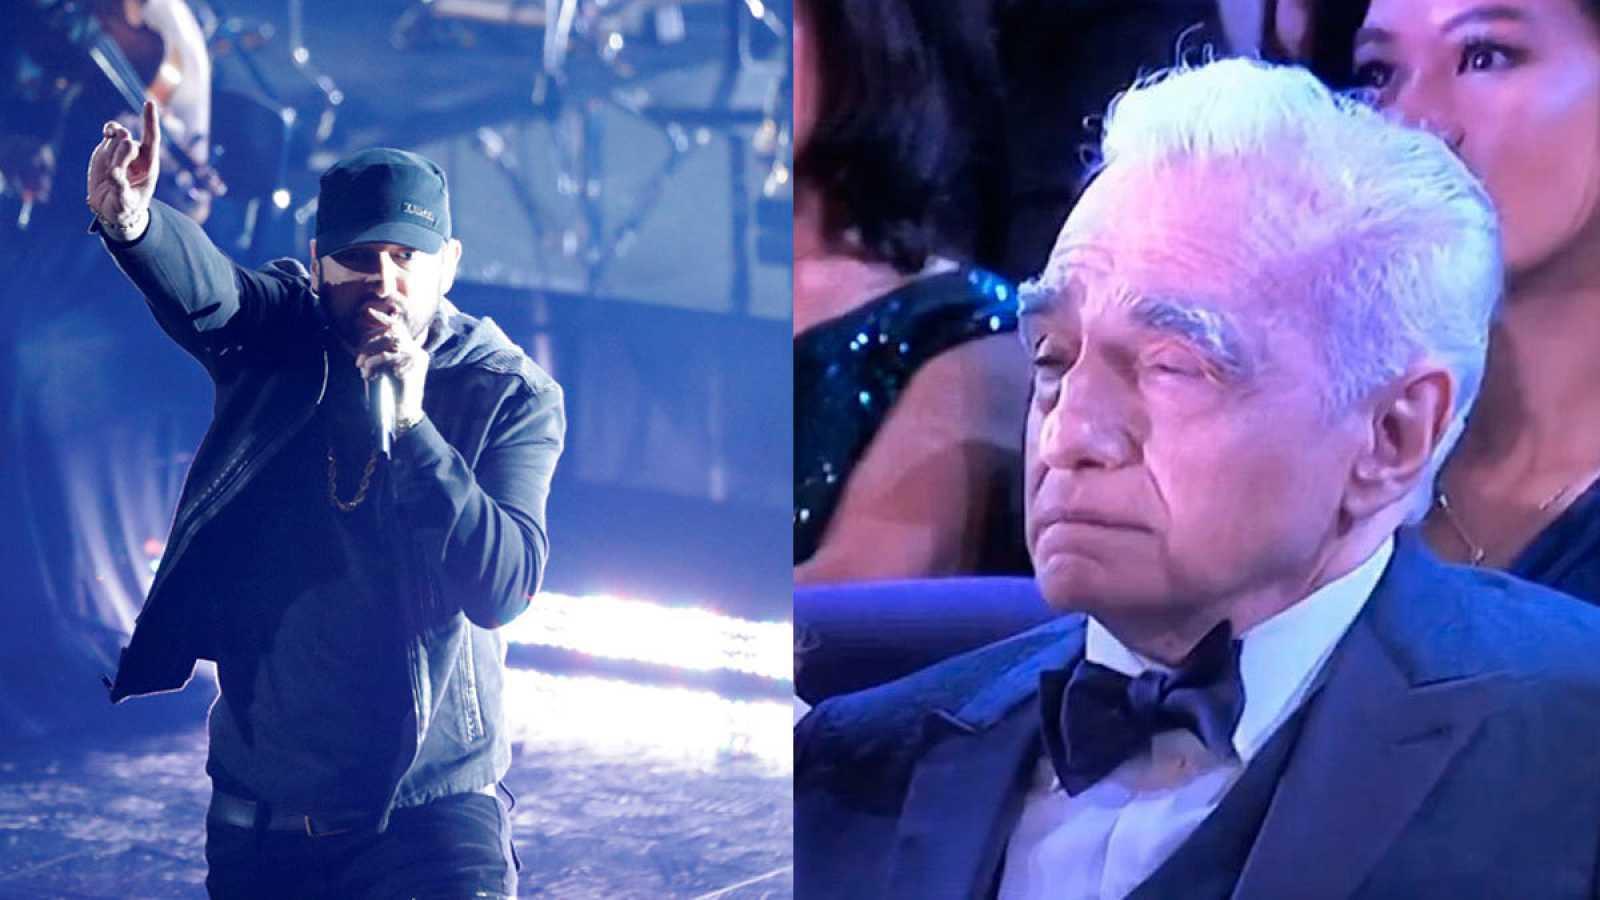 Martin Scorsese aguantando el tipo durante la actuación de Eminem en los Oscars 2020